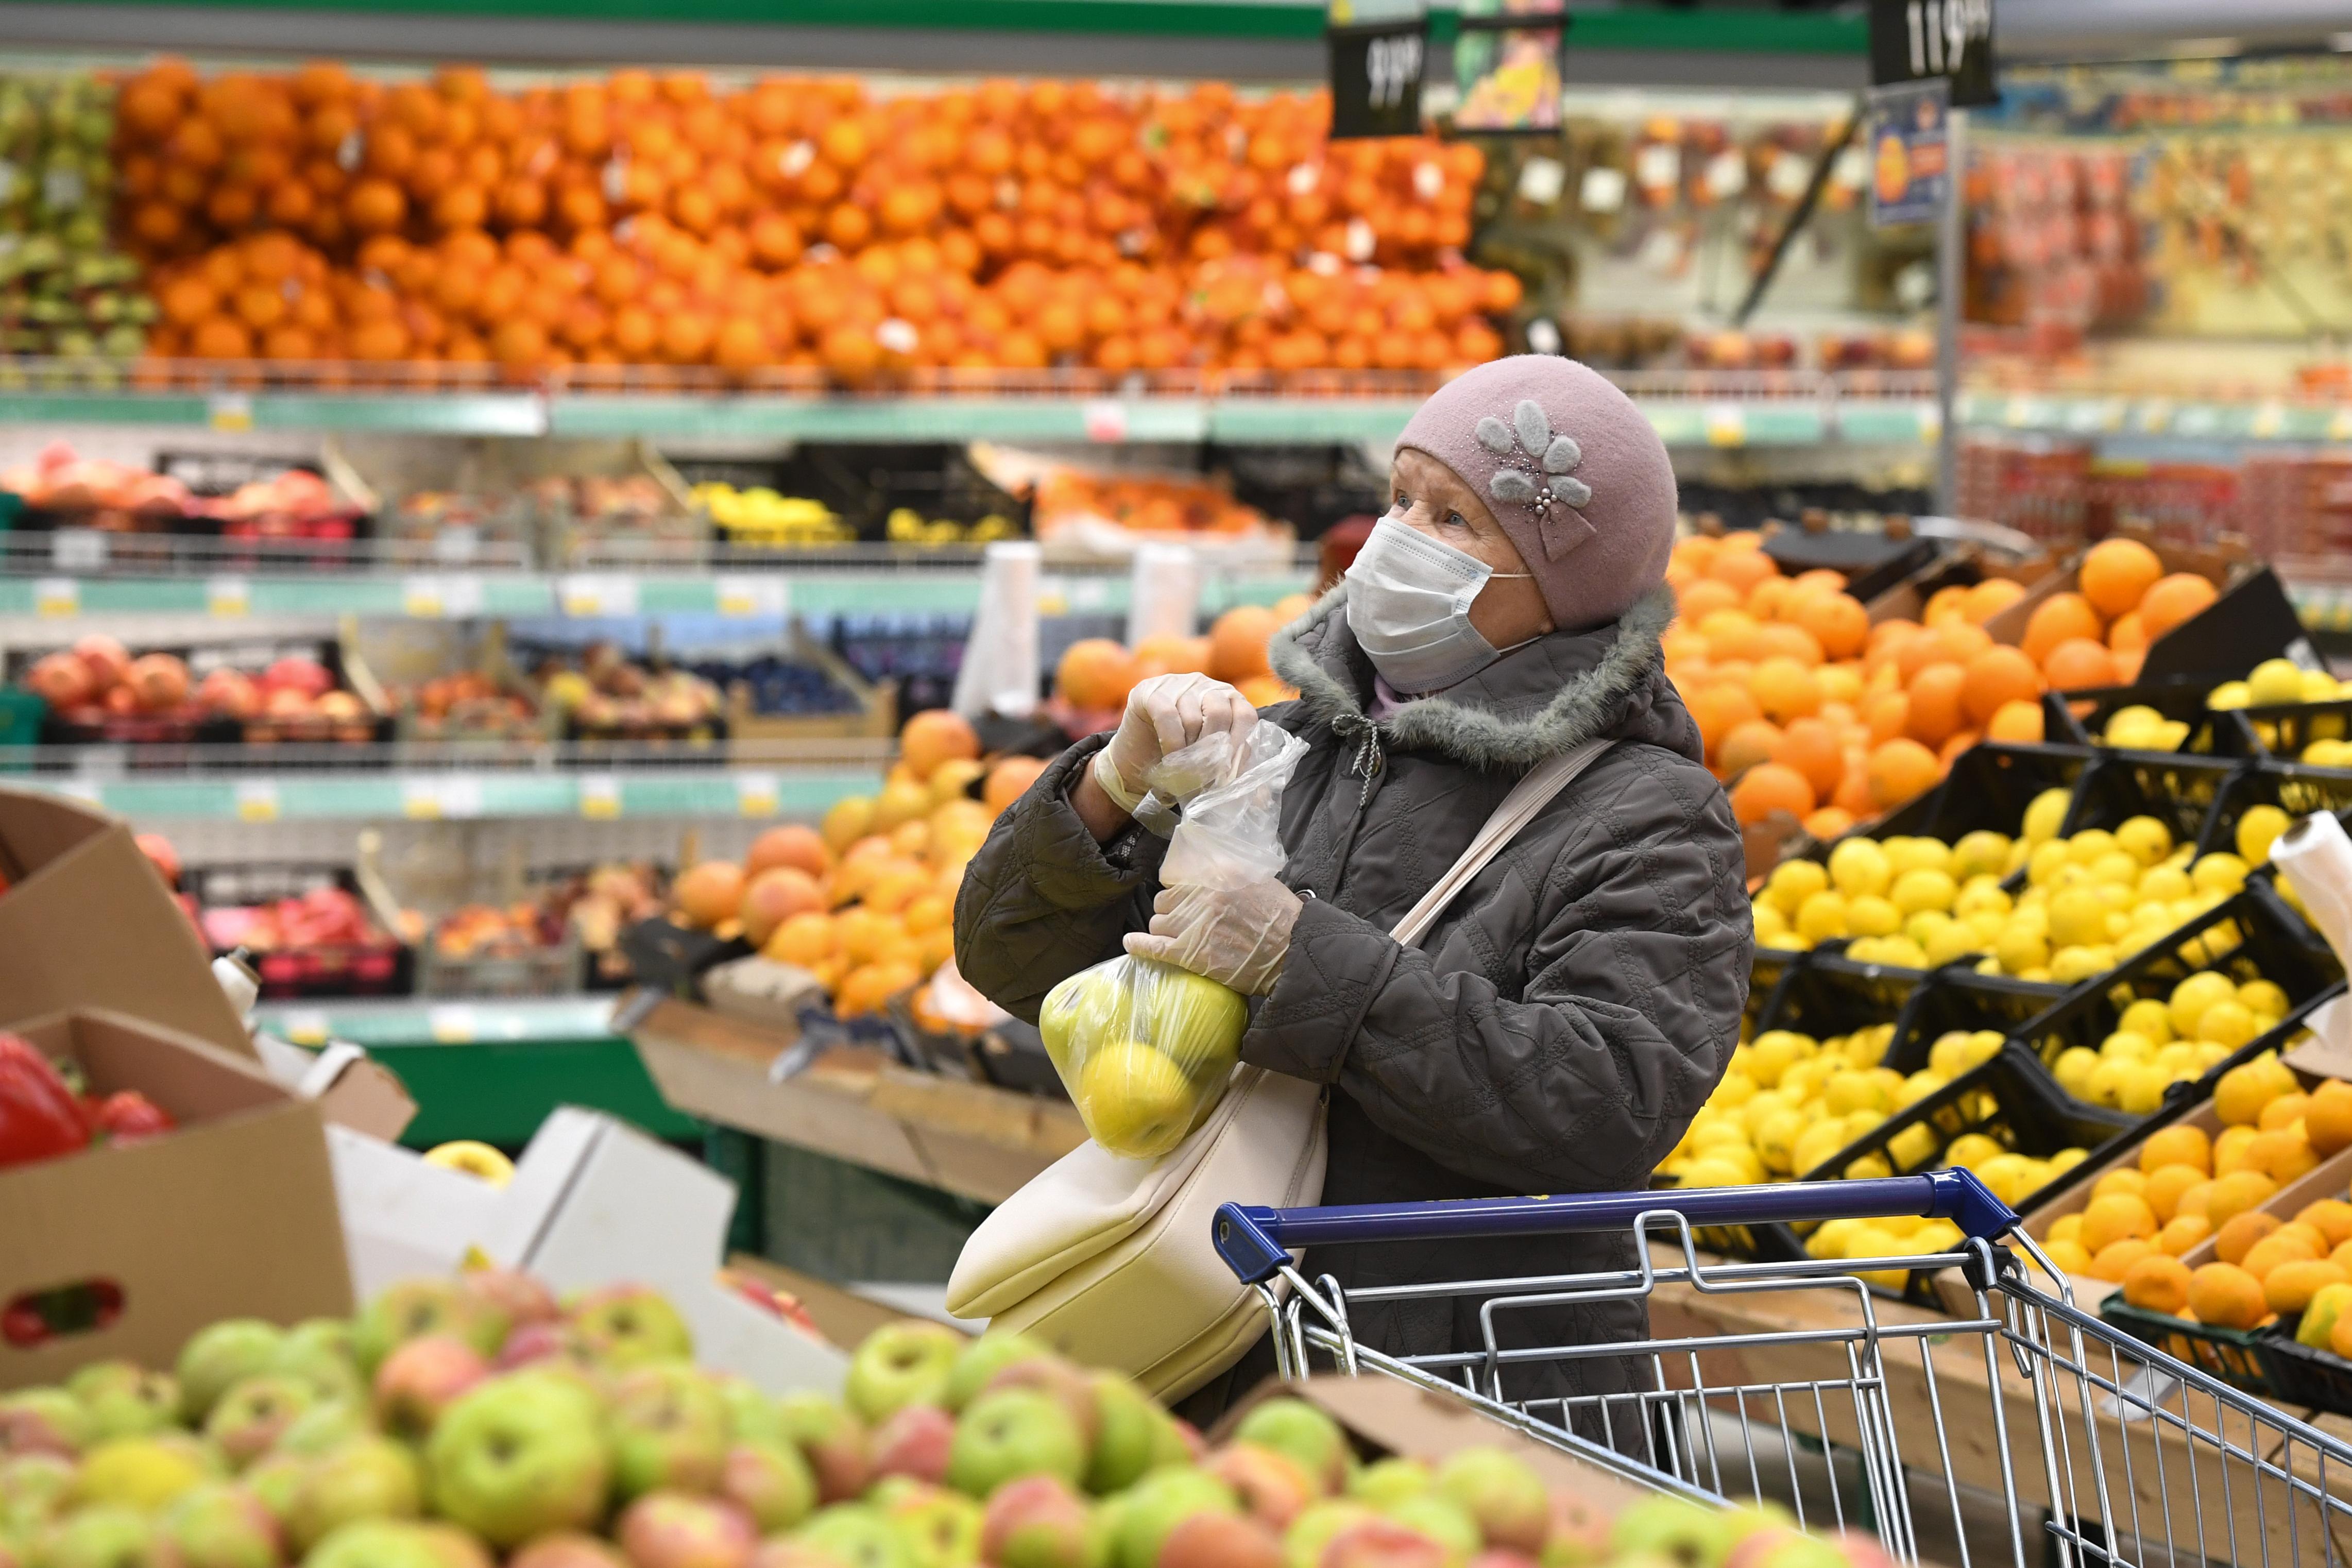 Öt hónapja csak növekszik az élelmiszerek ára